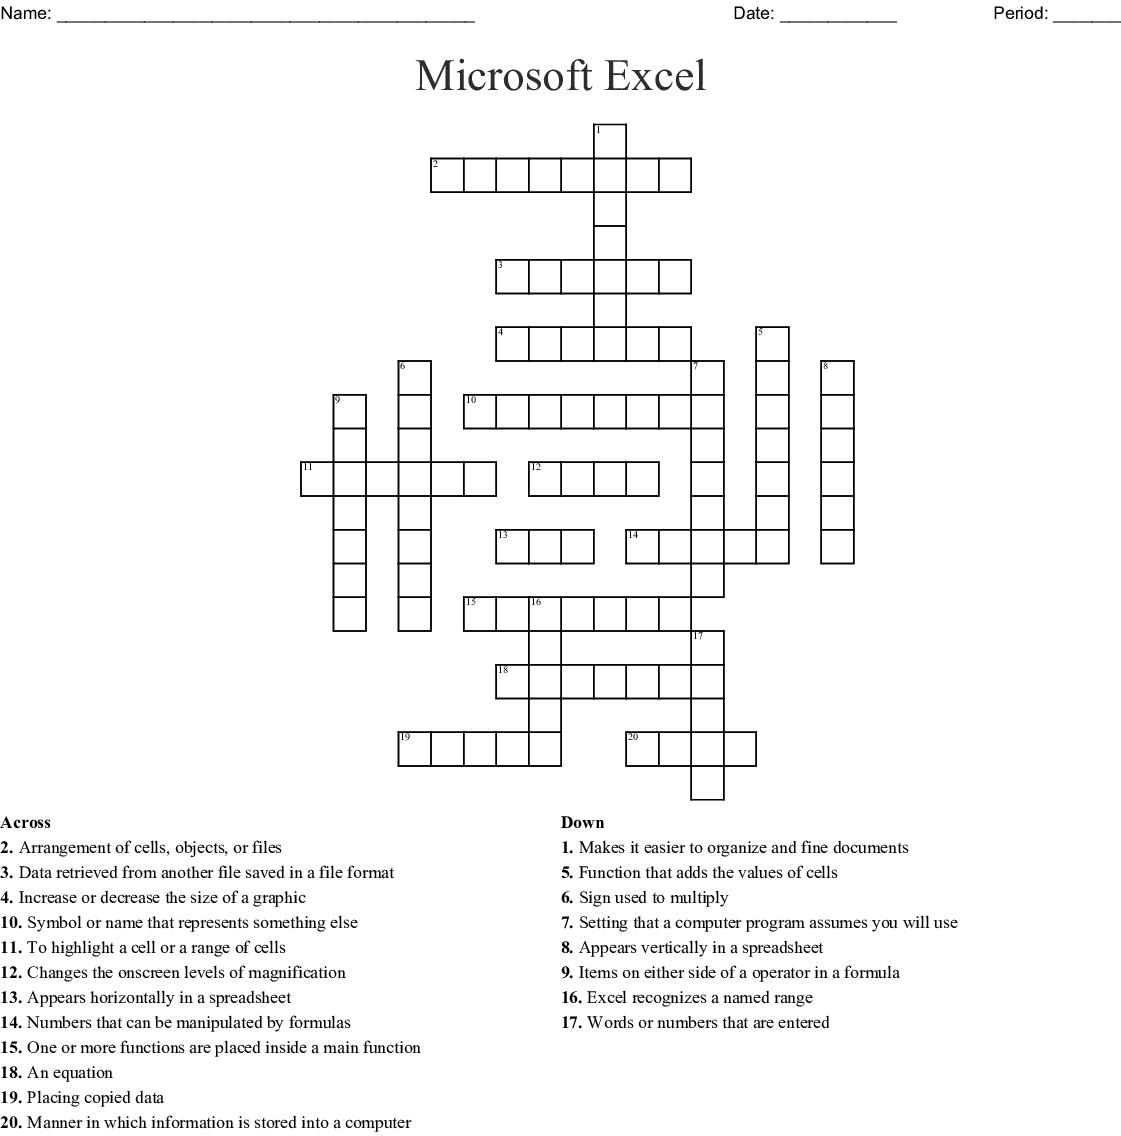 Microsoft Excel Crossword